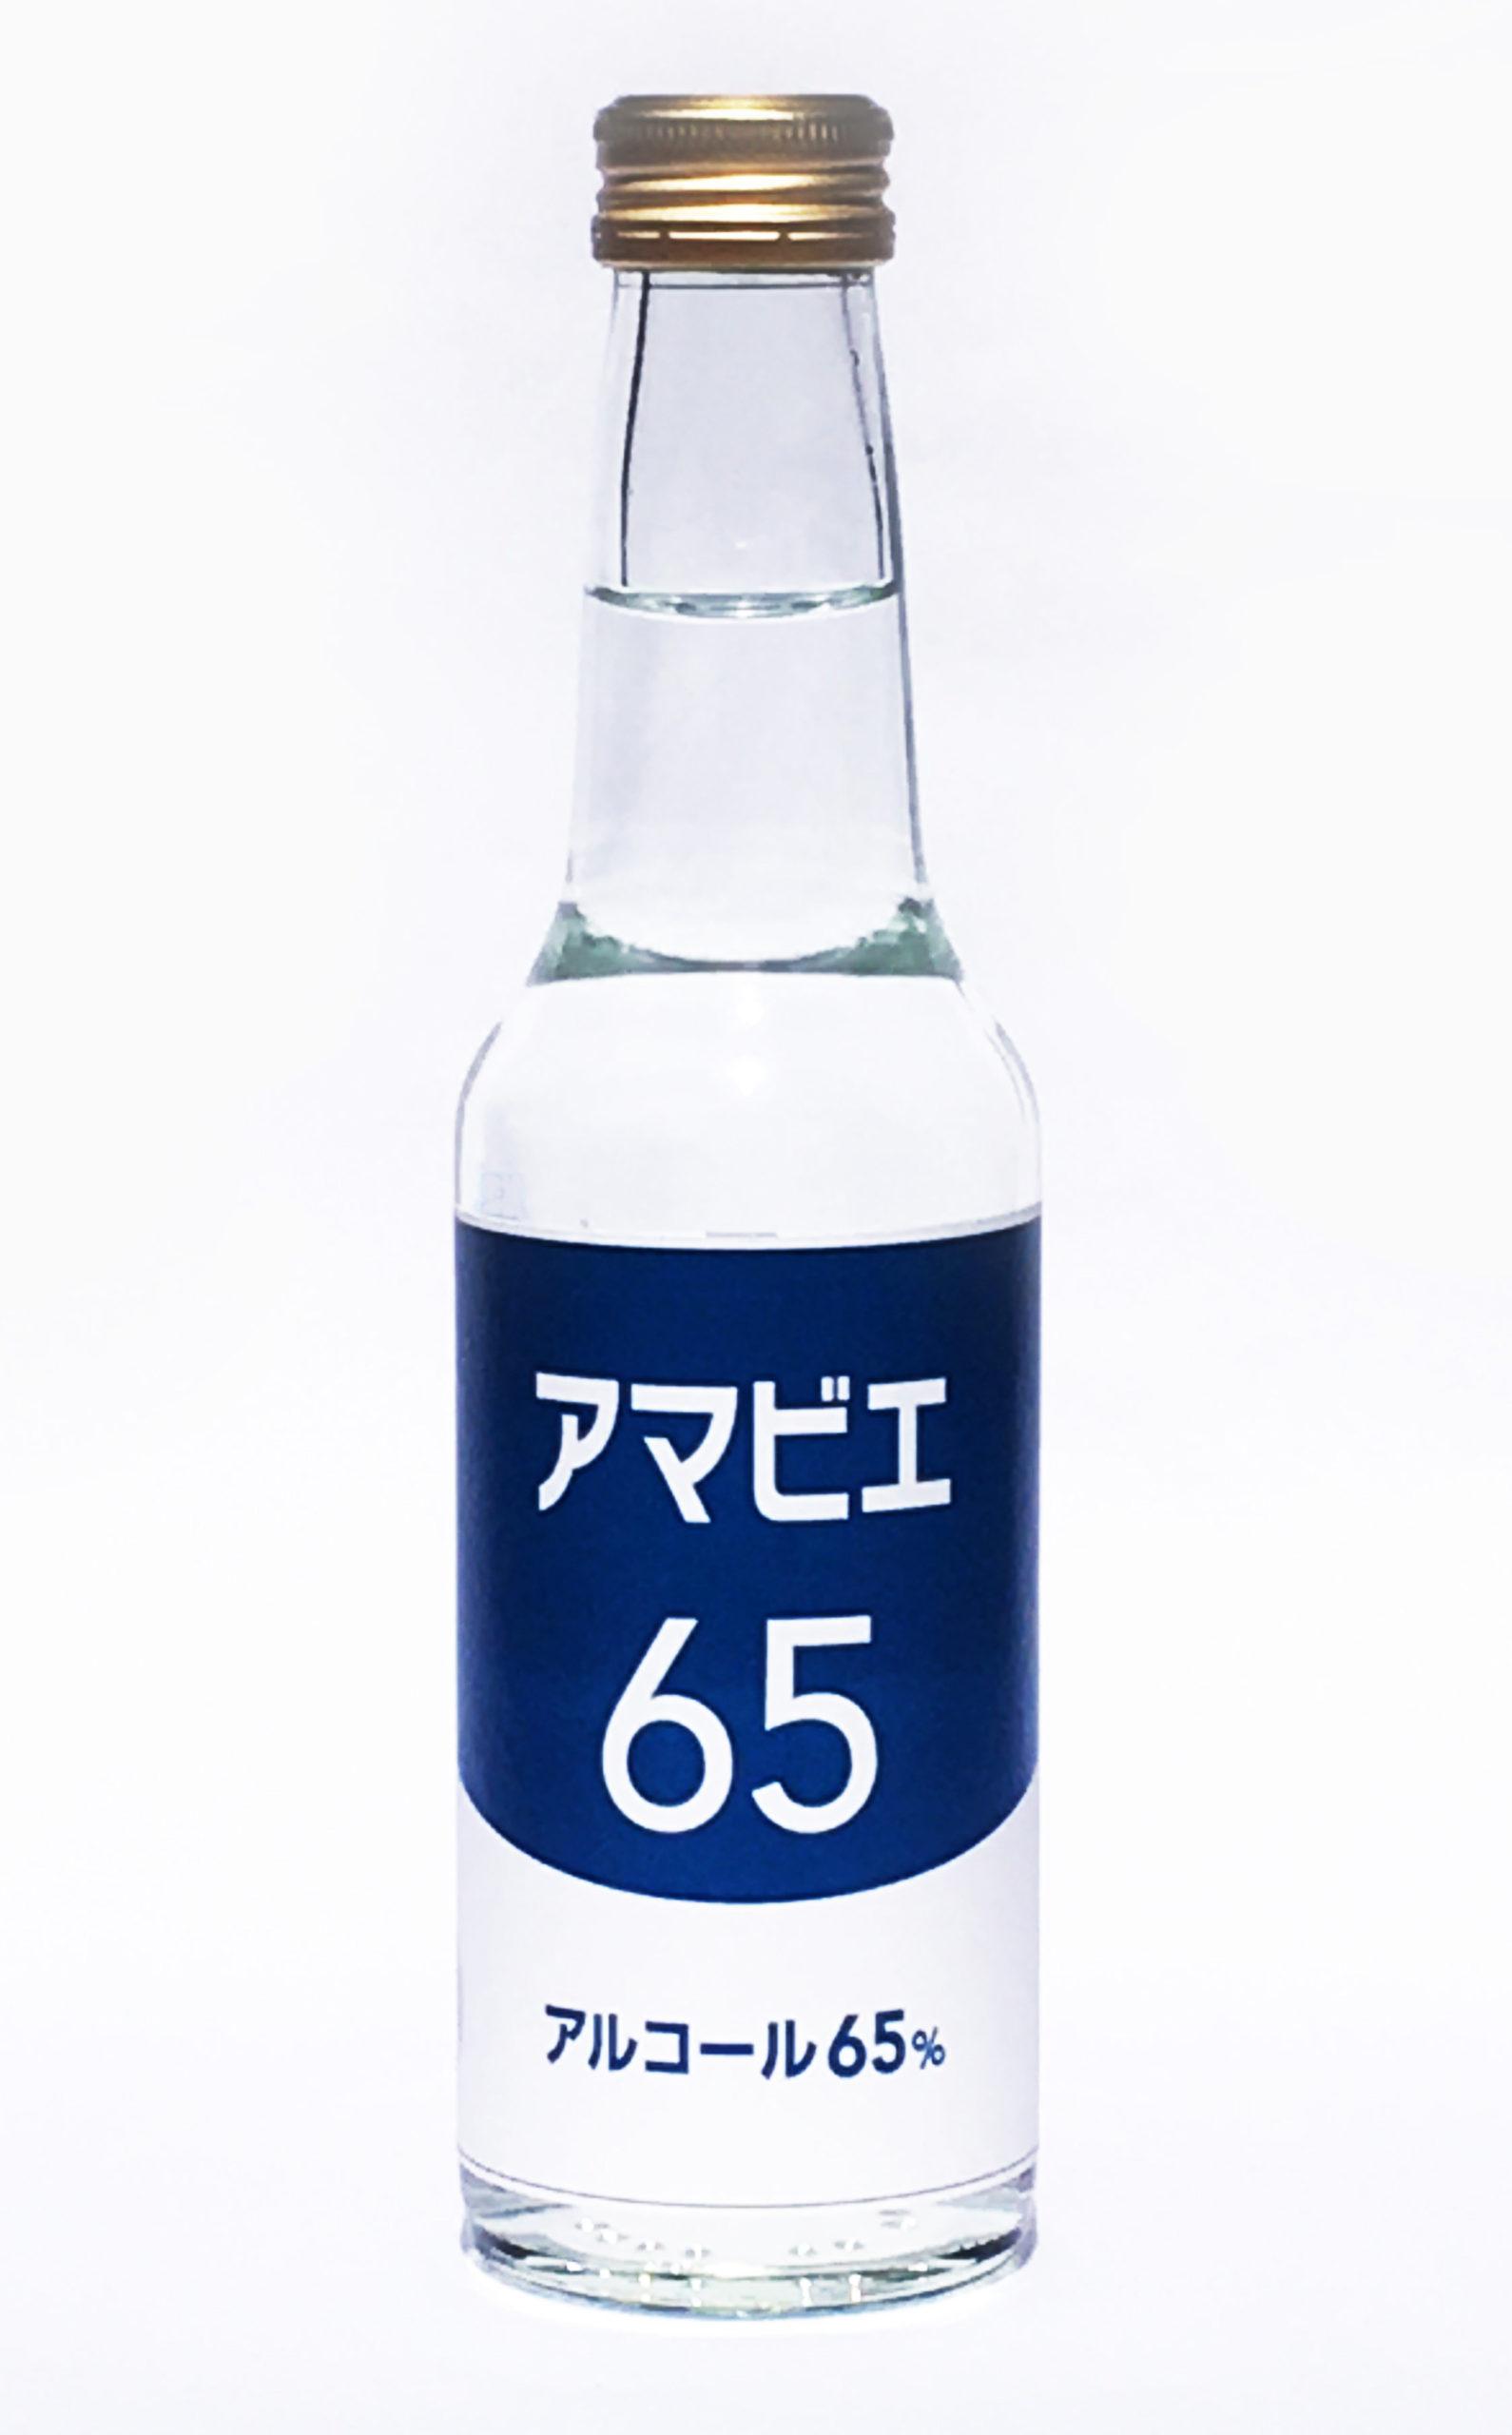 アルコール 77 度